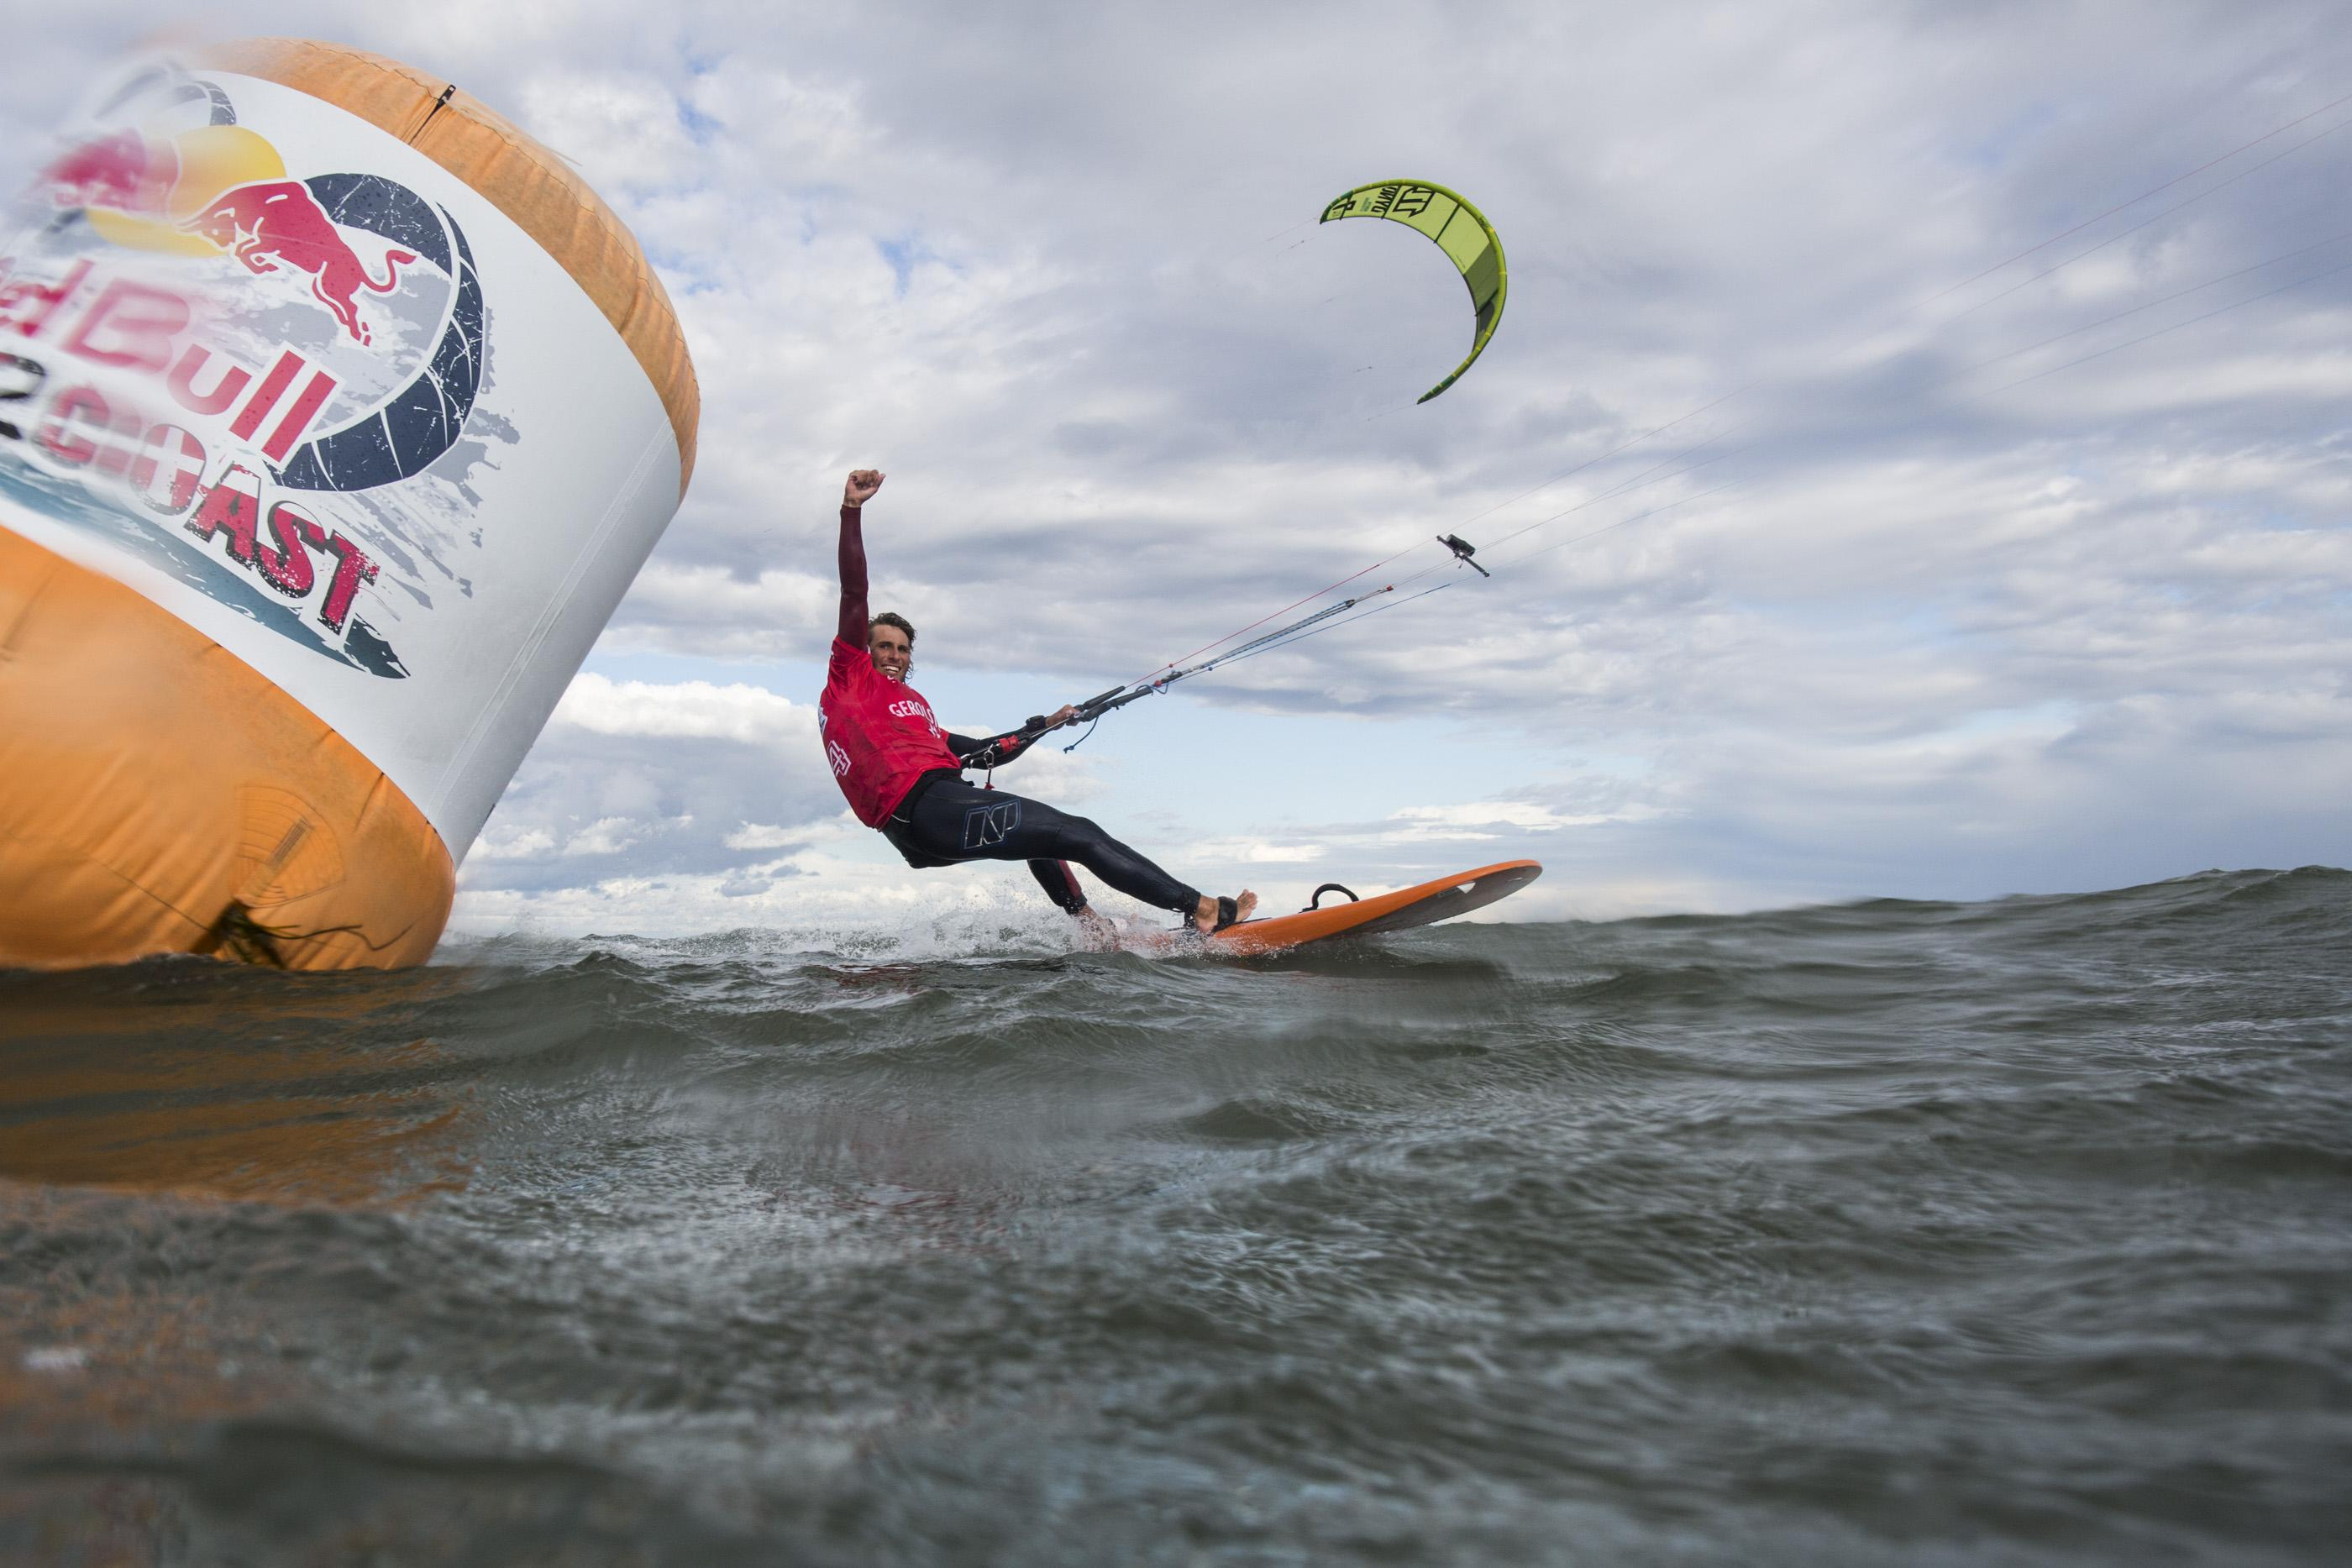 Sieger Florian Gruber beim Überqueren der Ziellinie © Henning Nockel